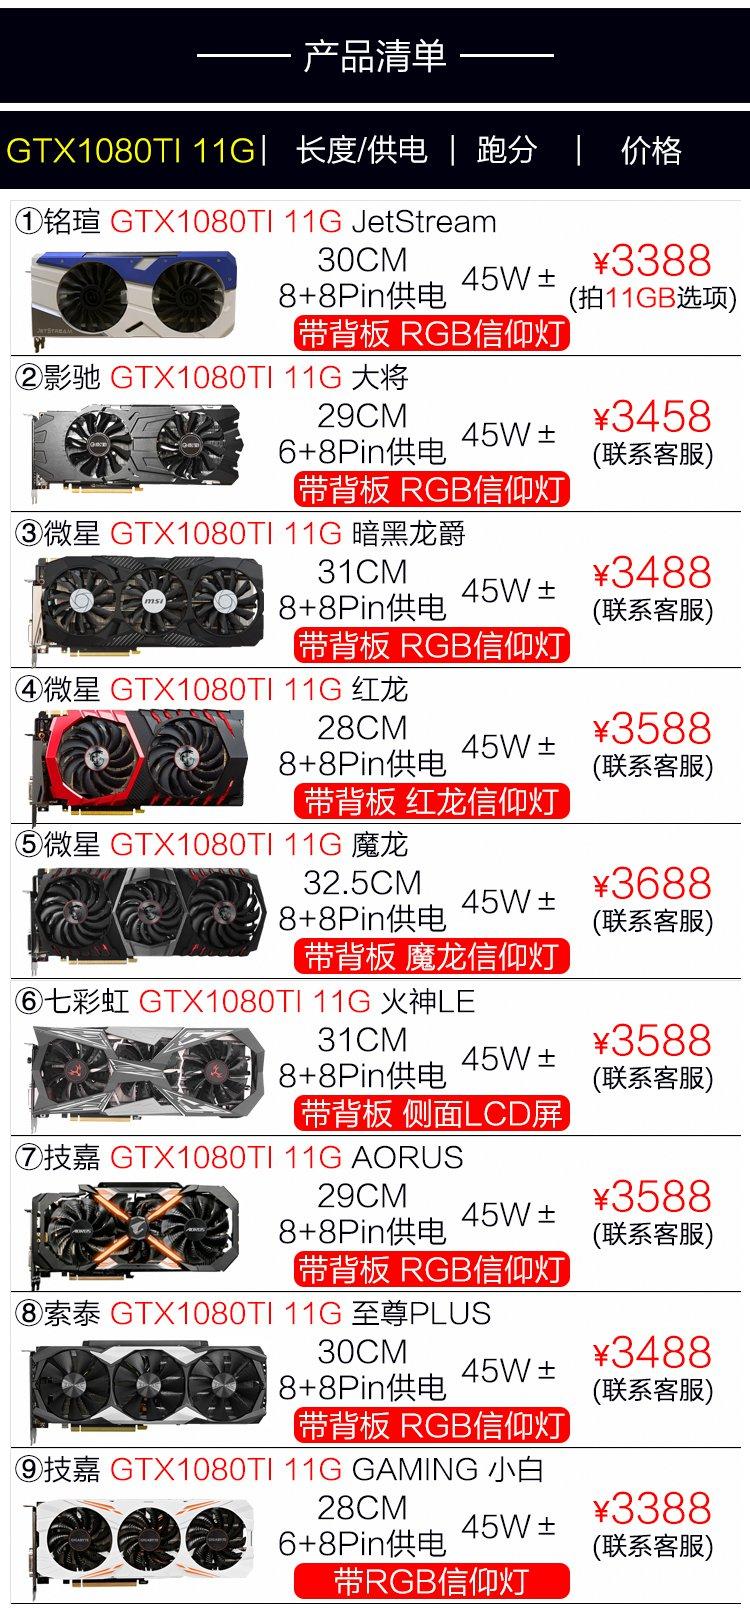 อินเทอร์เน็ตคาเฟ่ถอด GTX1080 8G 1080TI 11G คอมพิวเตอร์กราฟิกอิสระกินไก่เกมมือสองNการ์ด